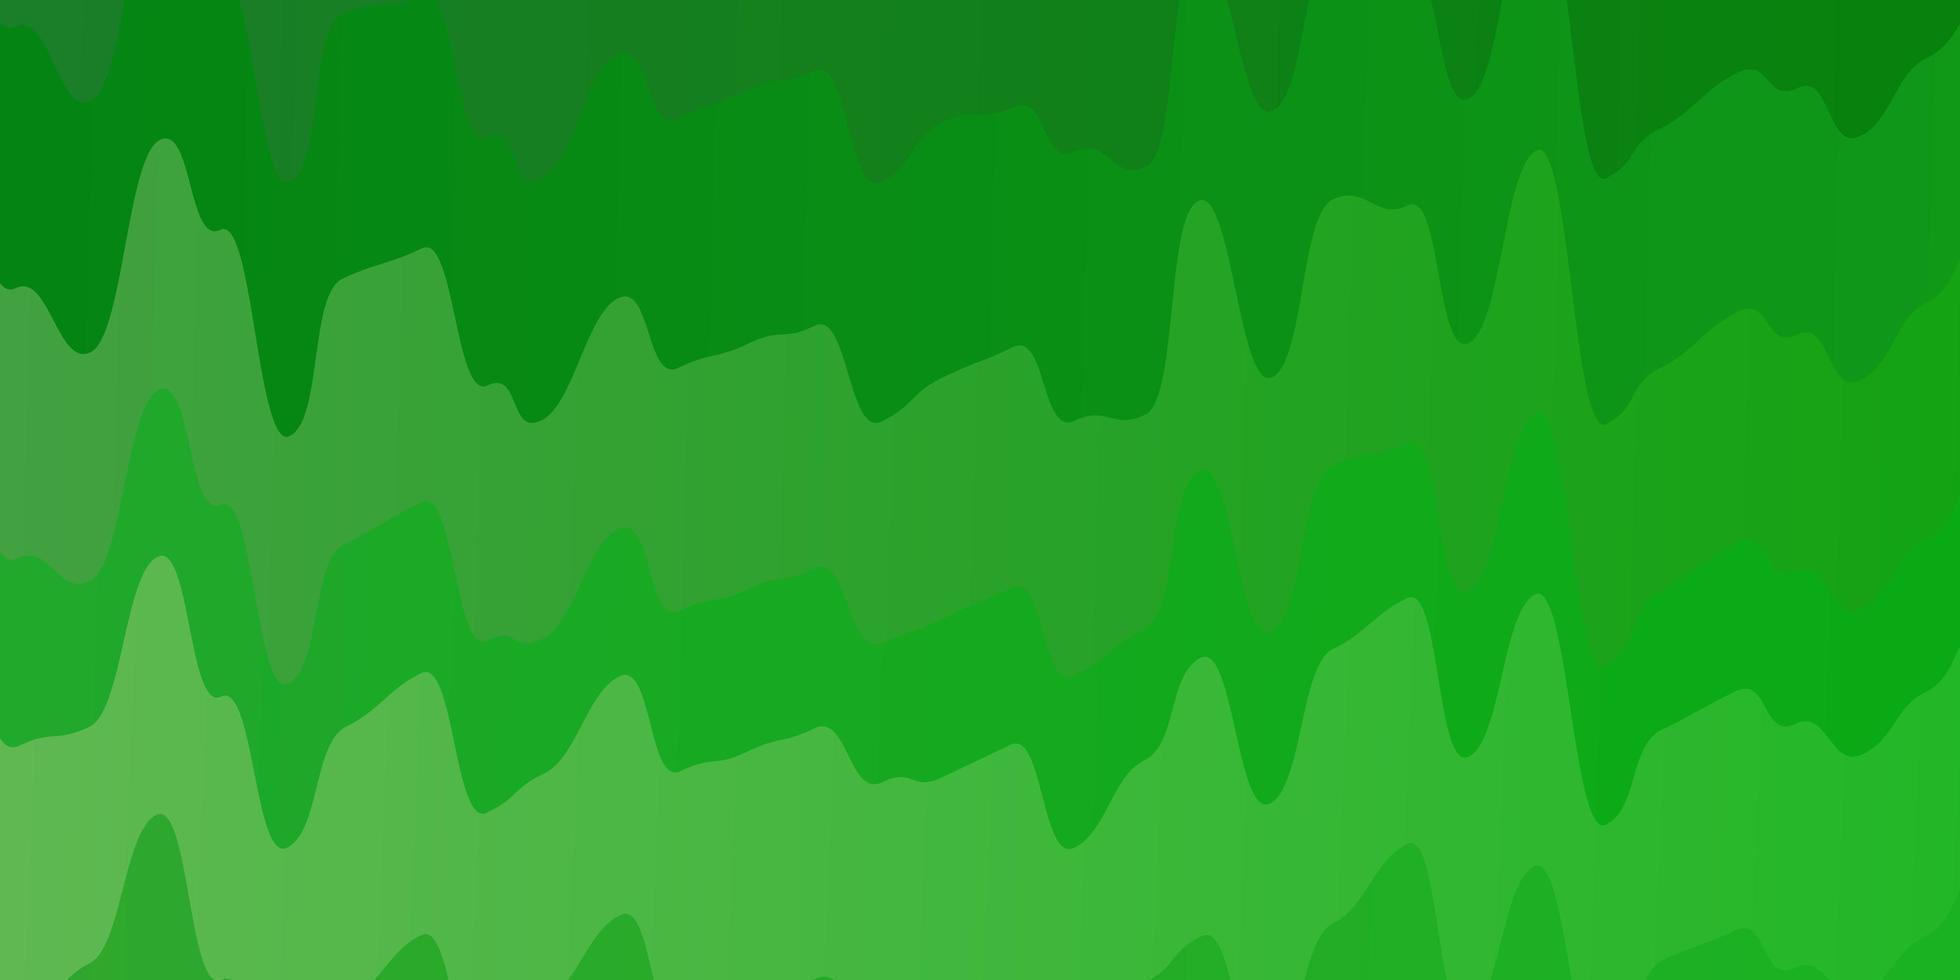 fond vert clair avec des lignes courbes. vecteur